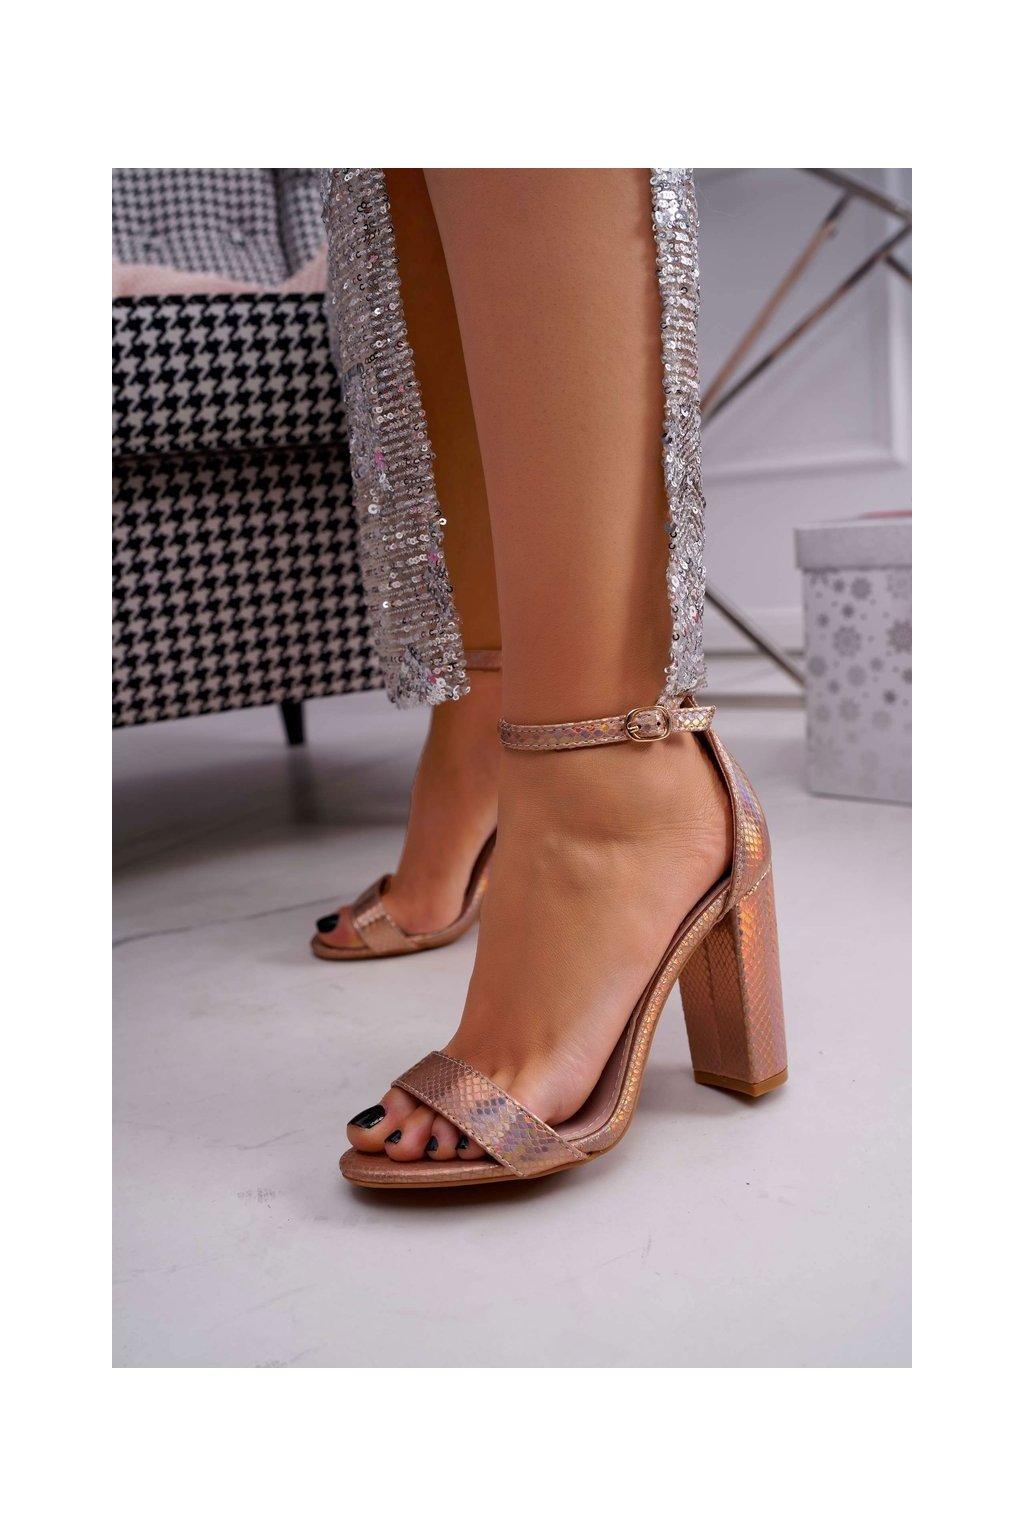 Dámske sandále na podpätku opalescentné Champagne Bipper